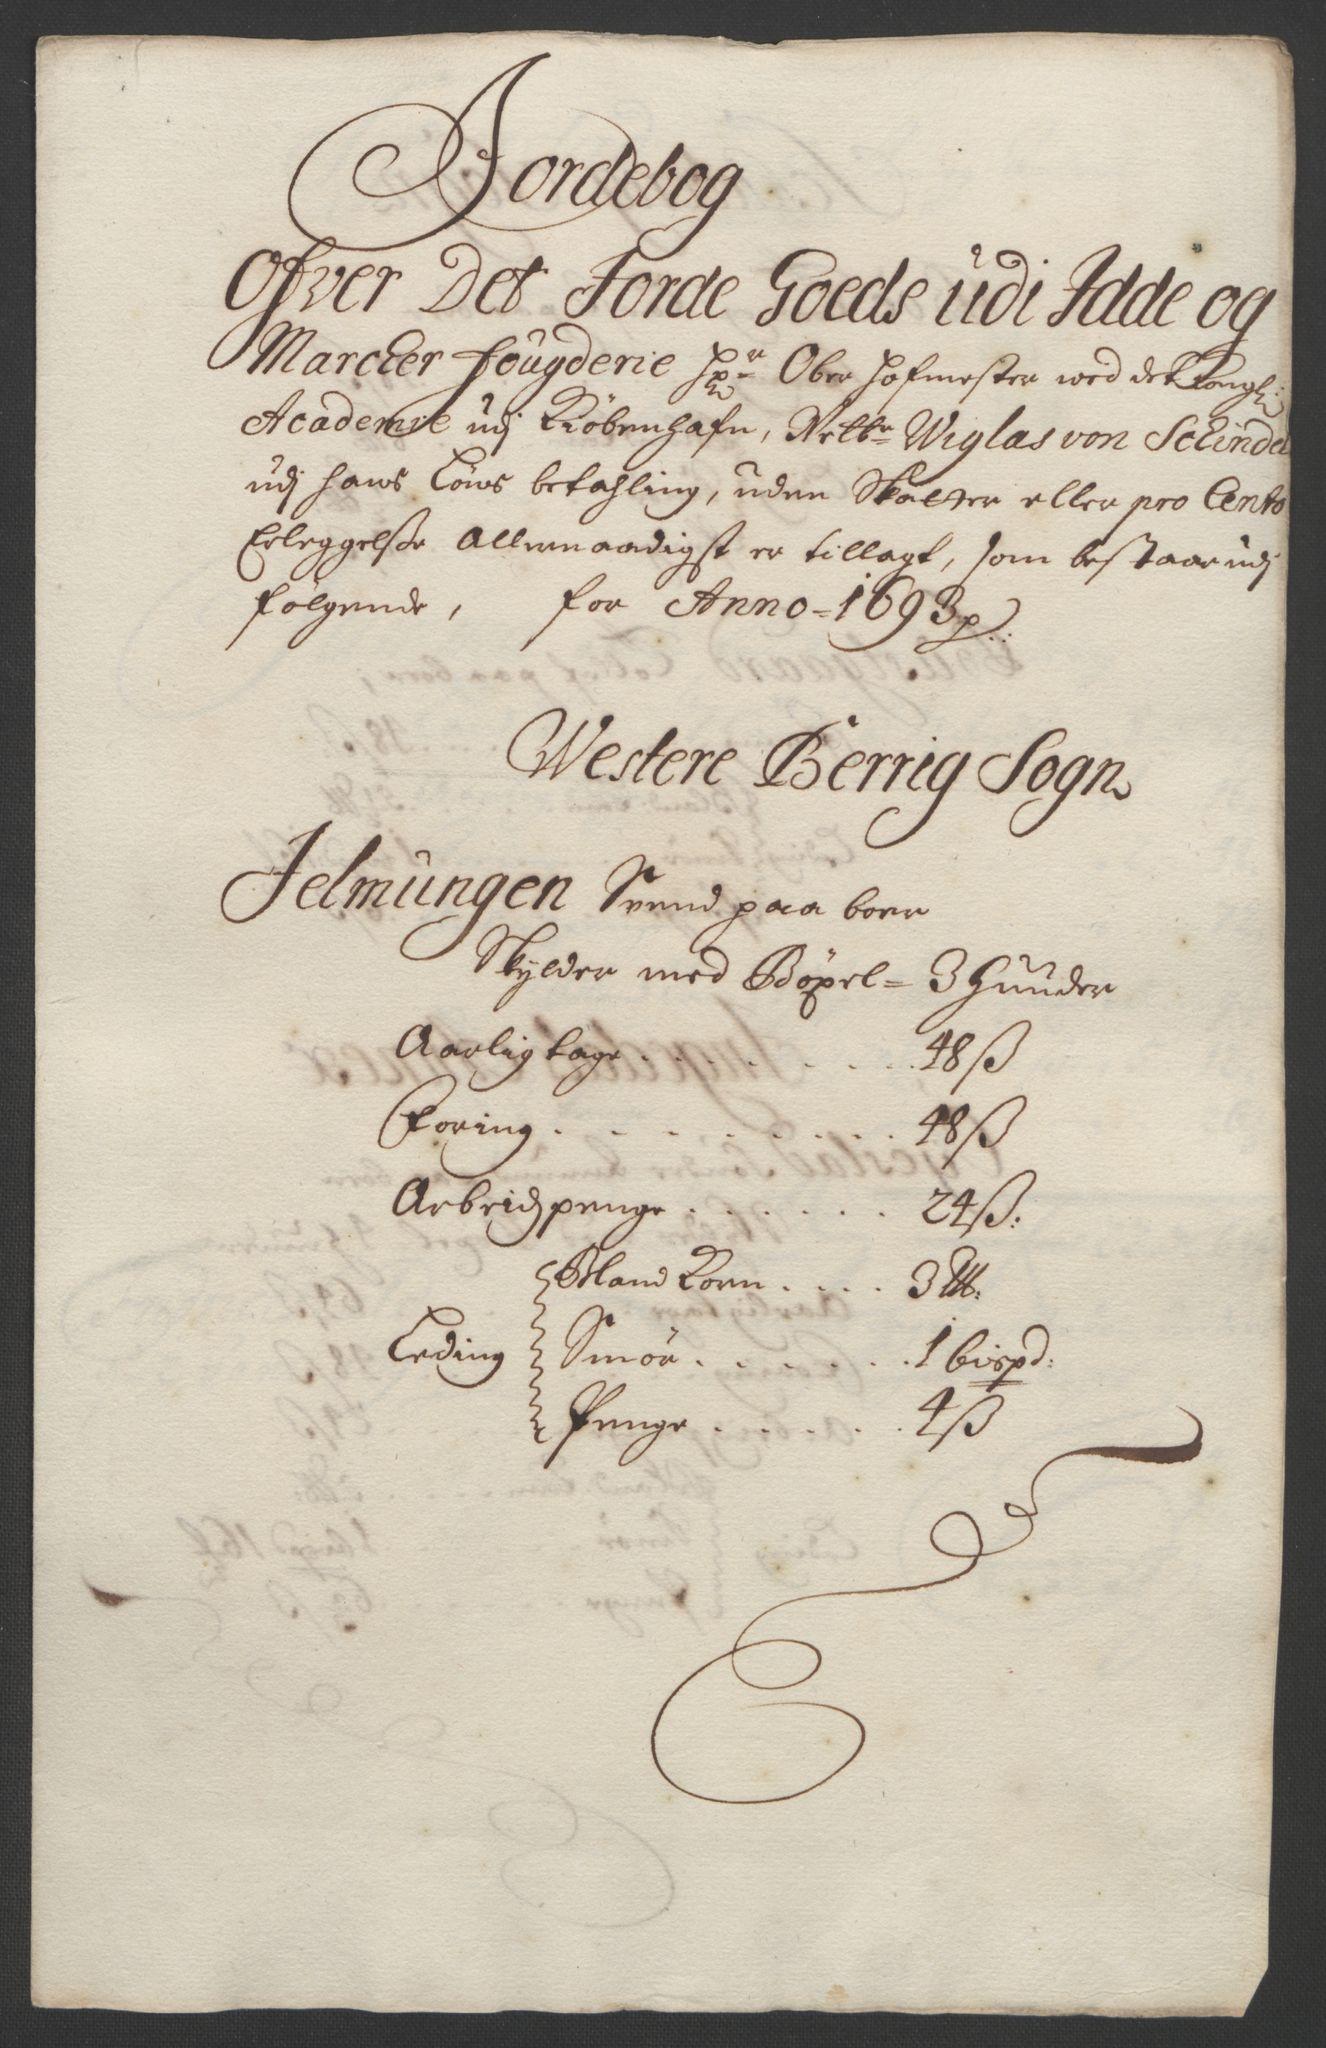 RA, Rentekammeret inntil 1814, Reviderte regnskaper, Fogderegnskap, R01/L0011: Fogderegnskap Idd og Marker, 1692-1693, s. 249